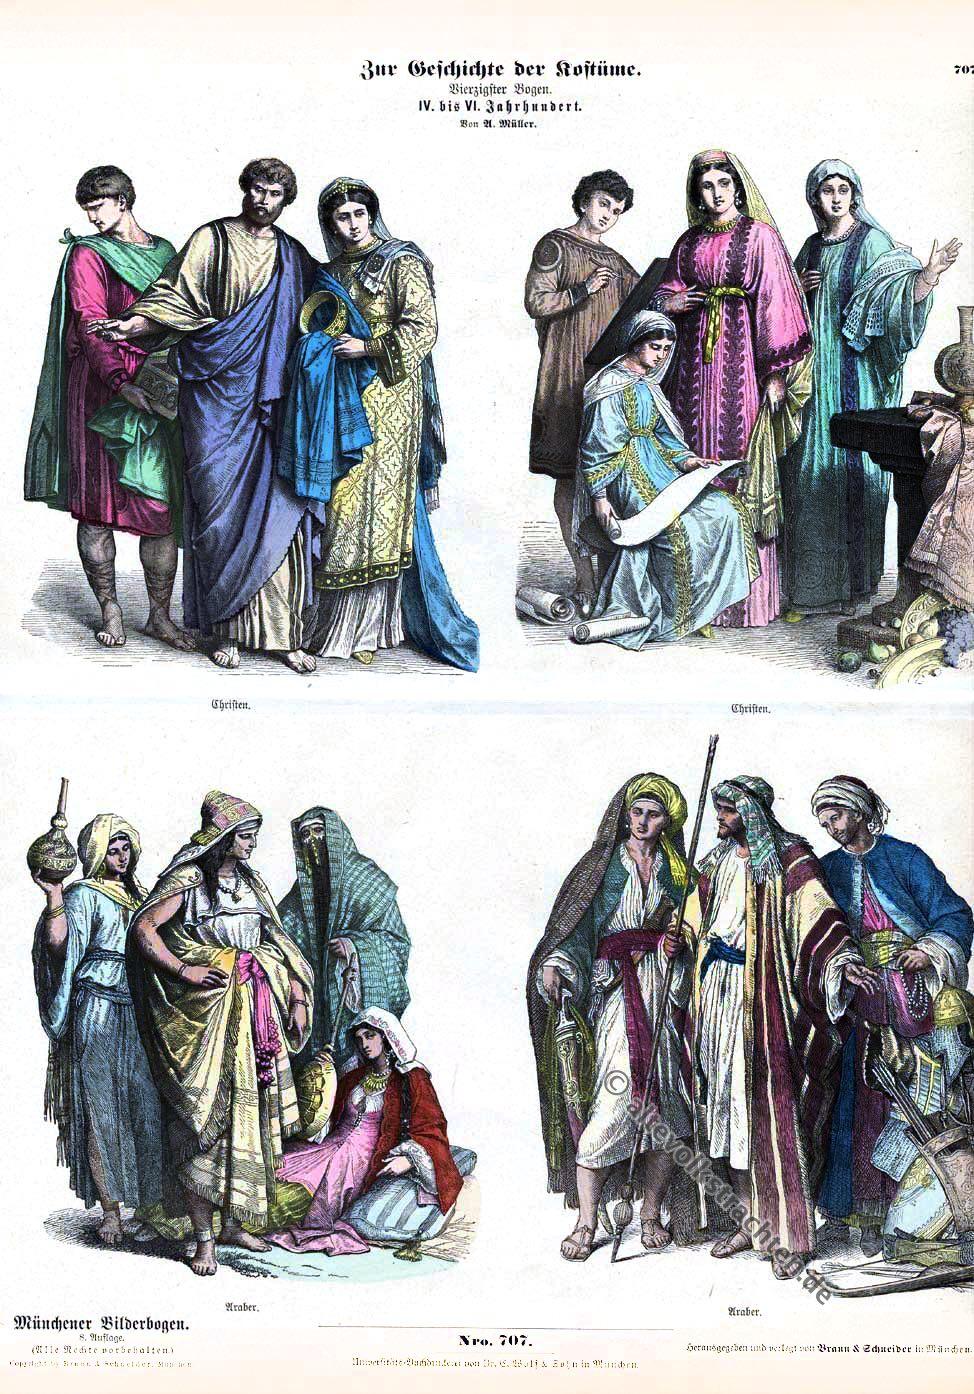 Christen, Araber, Mittelalter, Kleidung, Kostümgeschichte, Münchener Bilderbogen